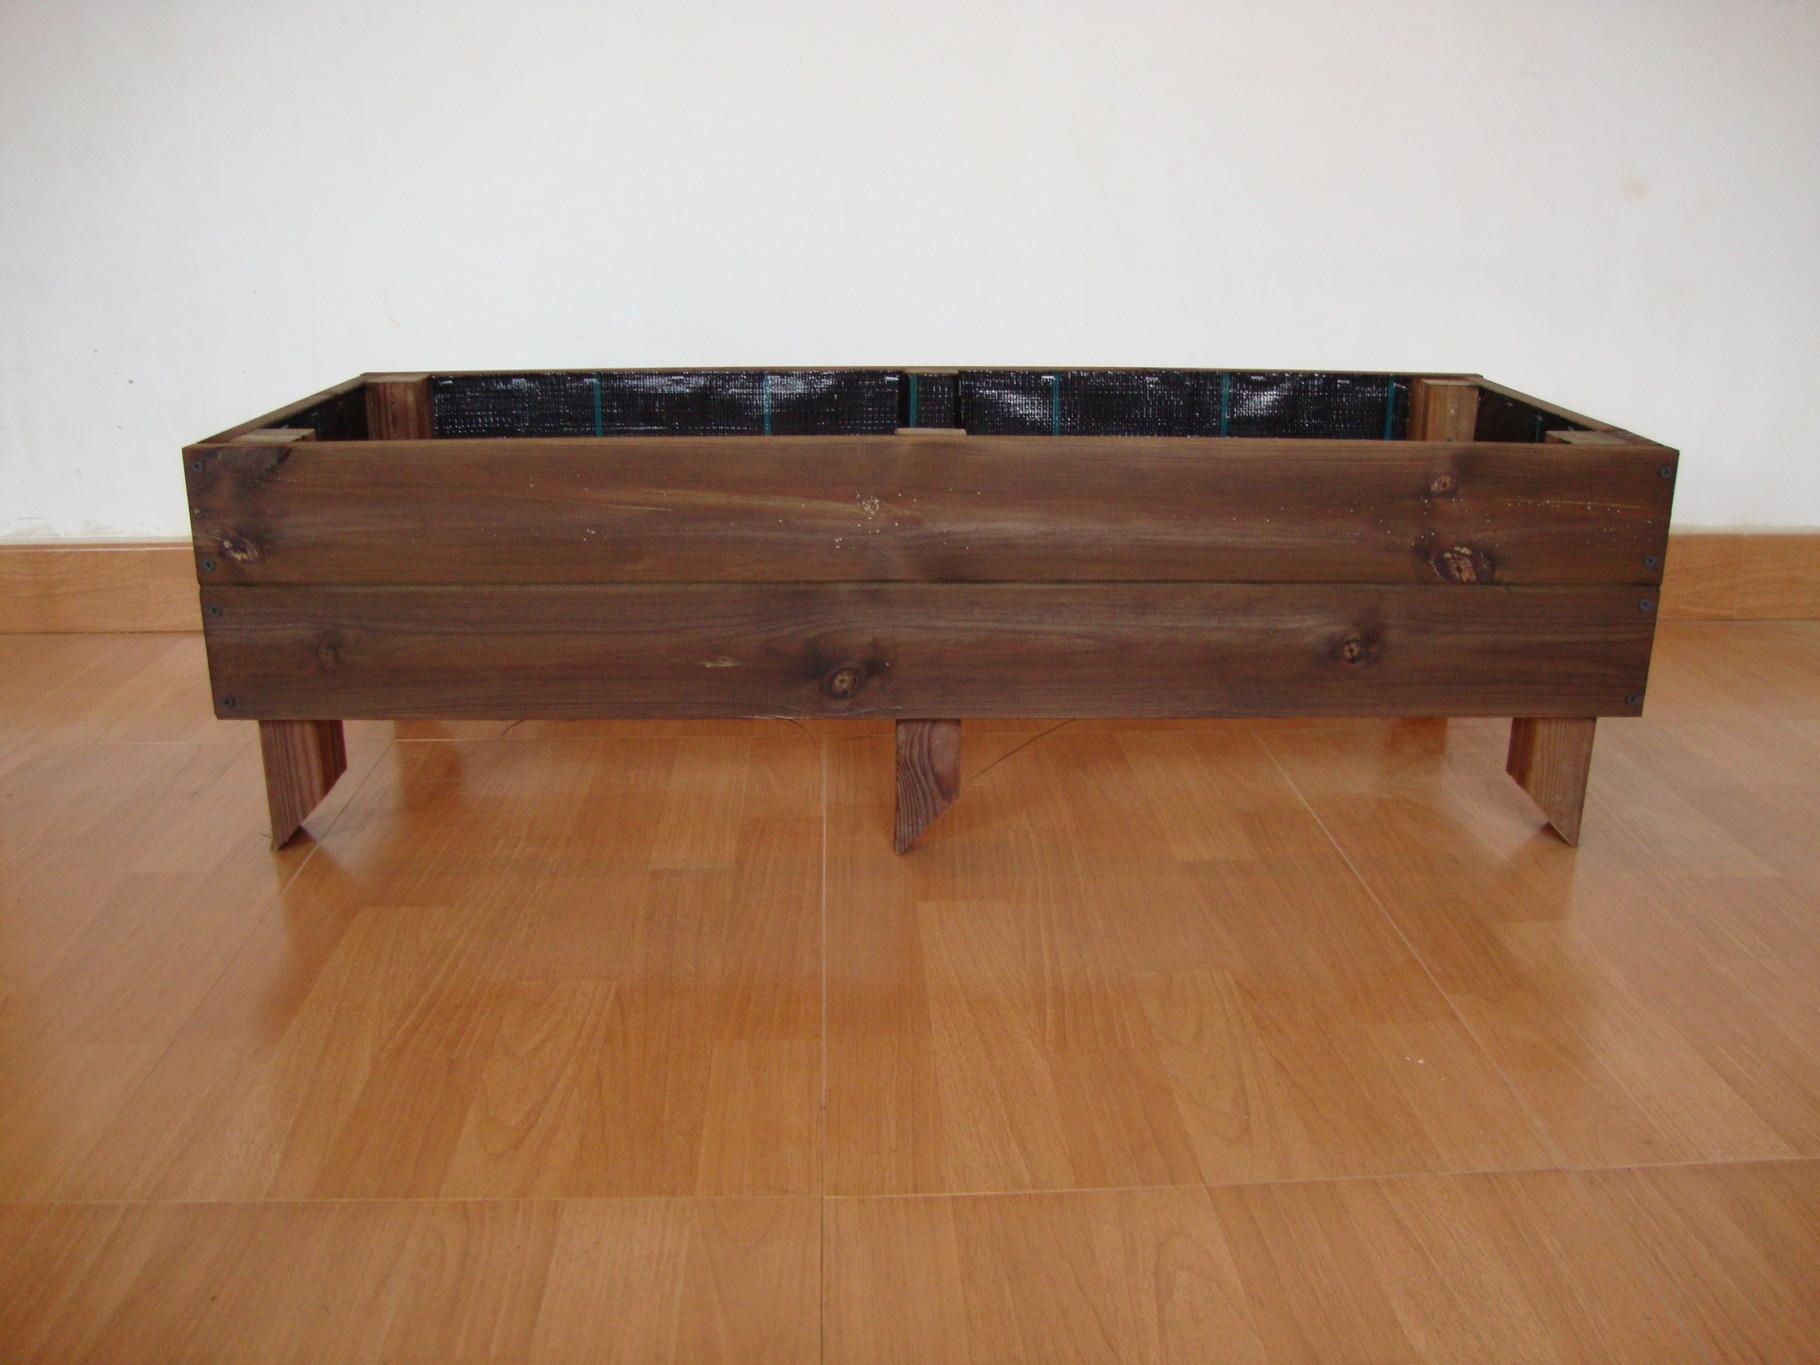 Huerto elevado al autoclave jardineras de madera - Autoclave para madera ...